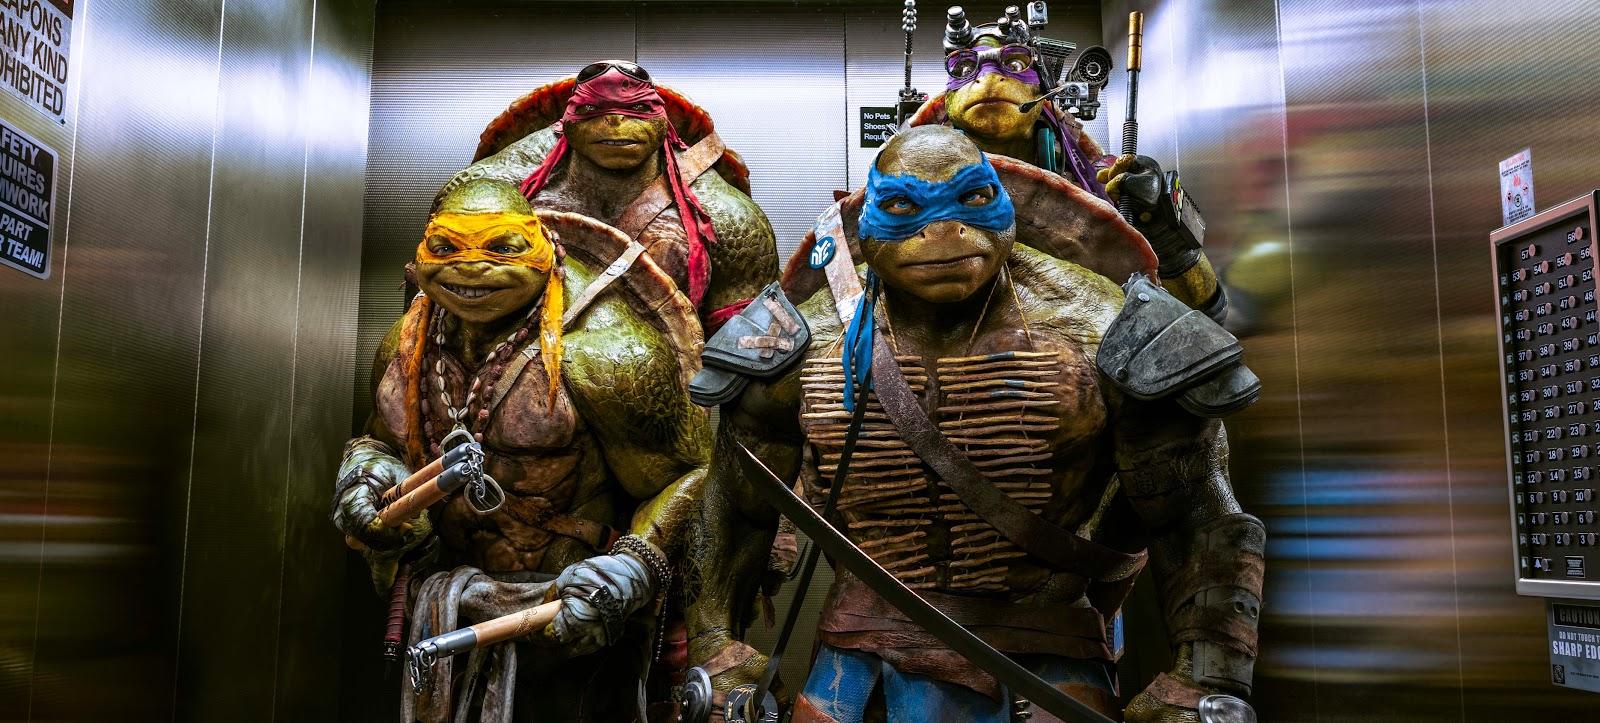 Cena estendida, imagens inéditas e pôsteres de personagens de As Tartarugas Ninja, com Megan Fox